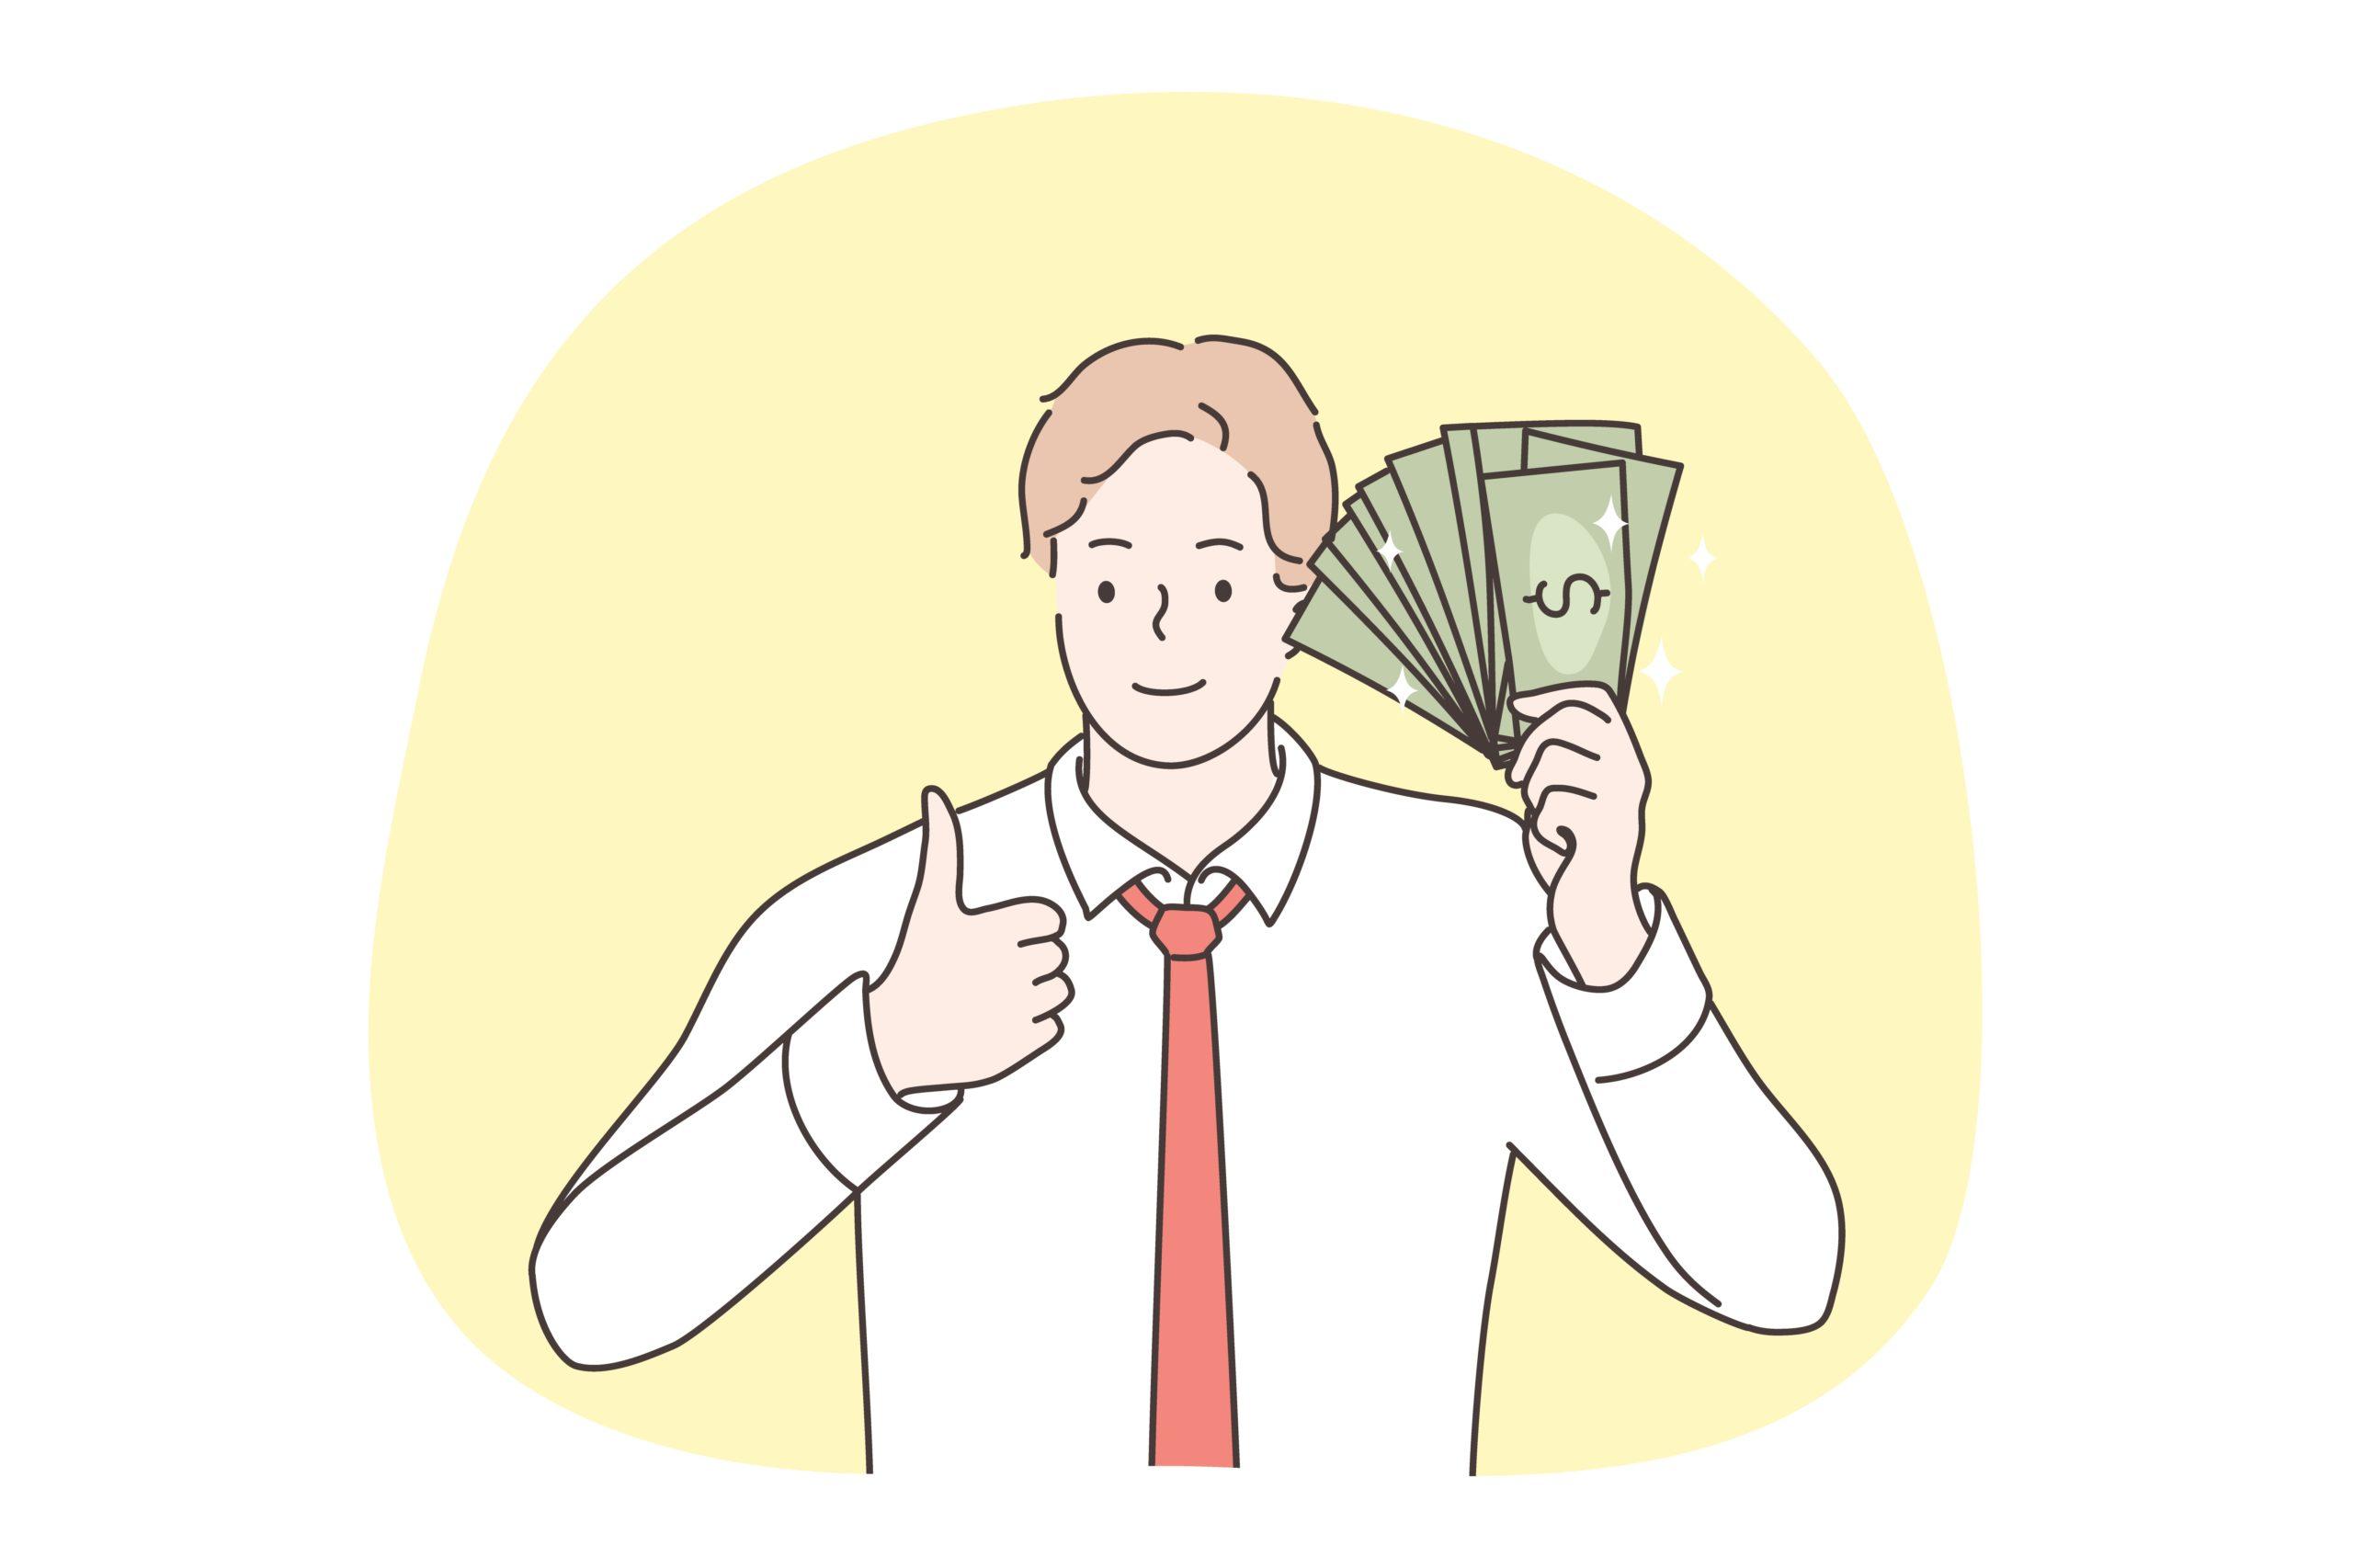 【2021年版】ブログ収入ってどういう仕組みなの?【結論:アフィリエイト広告です】